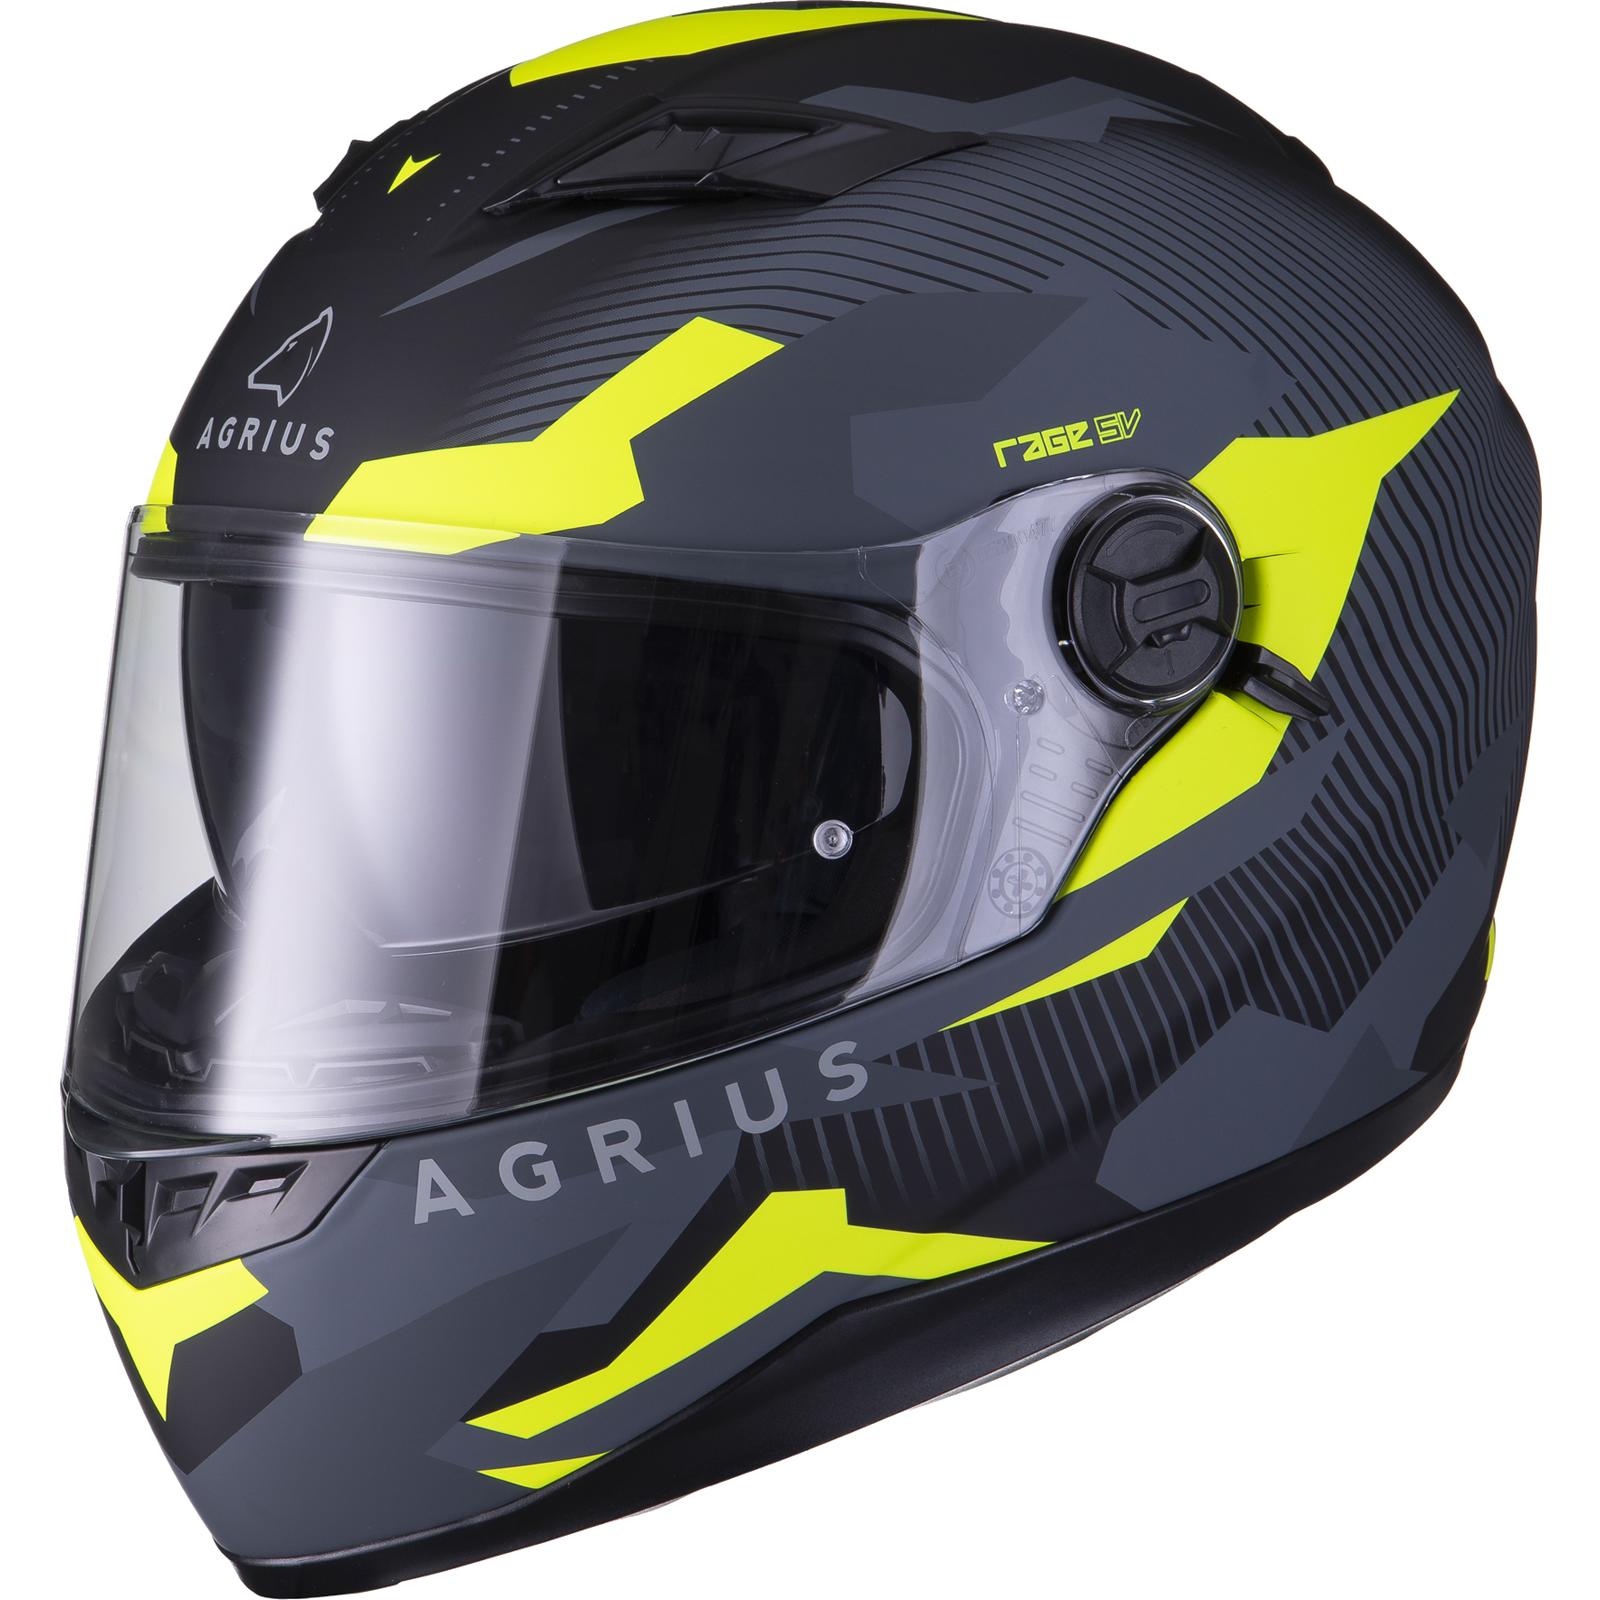 Agrius-Rage-SV-Tracker-Full-Face-Motorcycle-Matt-Helmet-bike-Road-Bike-Scooter thumbnail 39